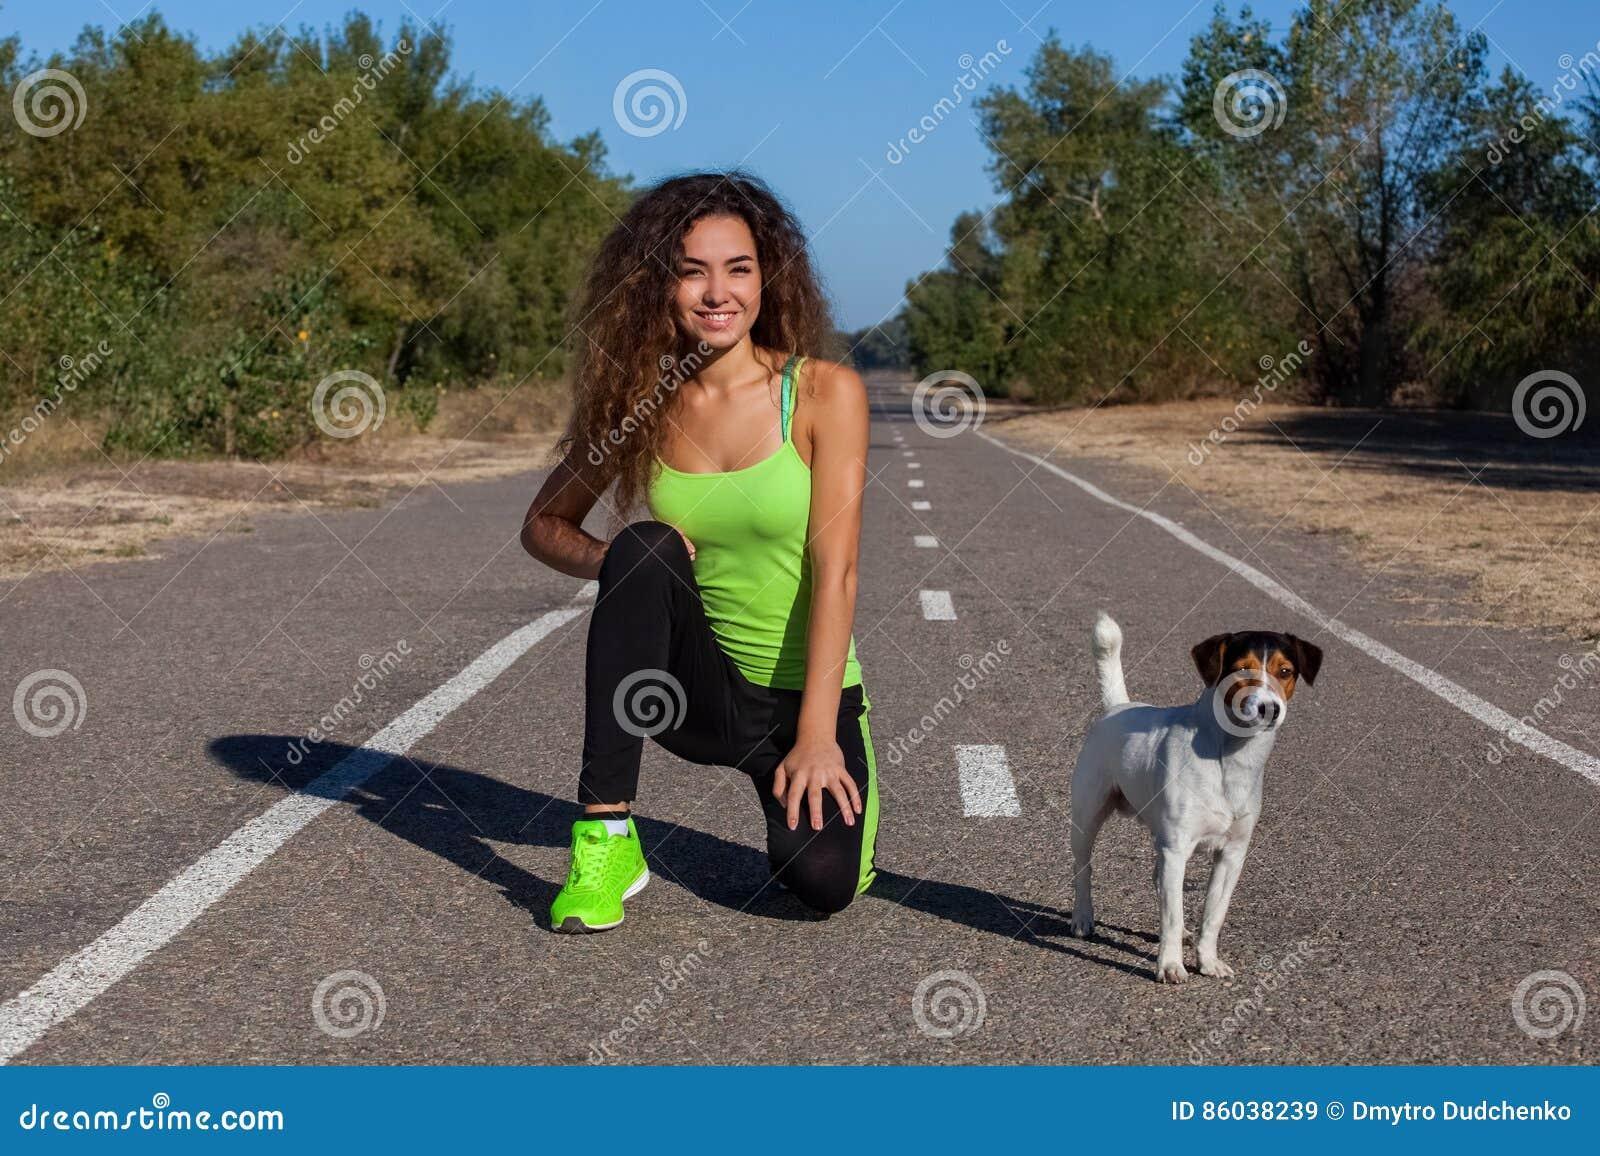 Ελκυστικός σγουρός αθλητής κοριτσιών που κάνει τις ασκήσεις πρωινού με το σκυλί της στην οδό